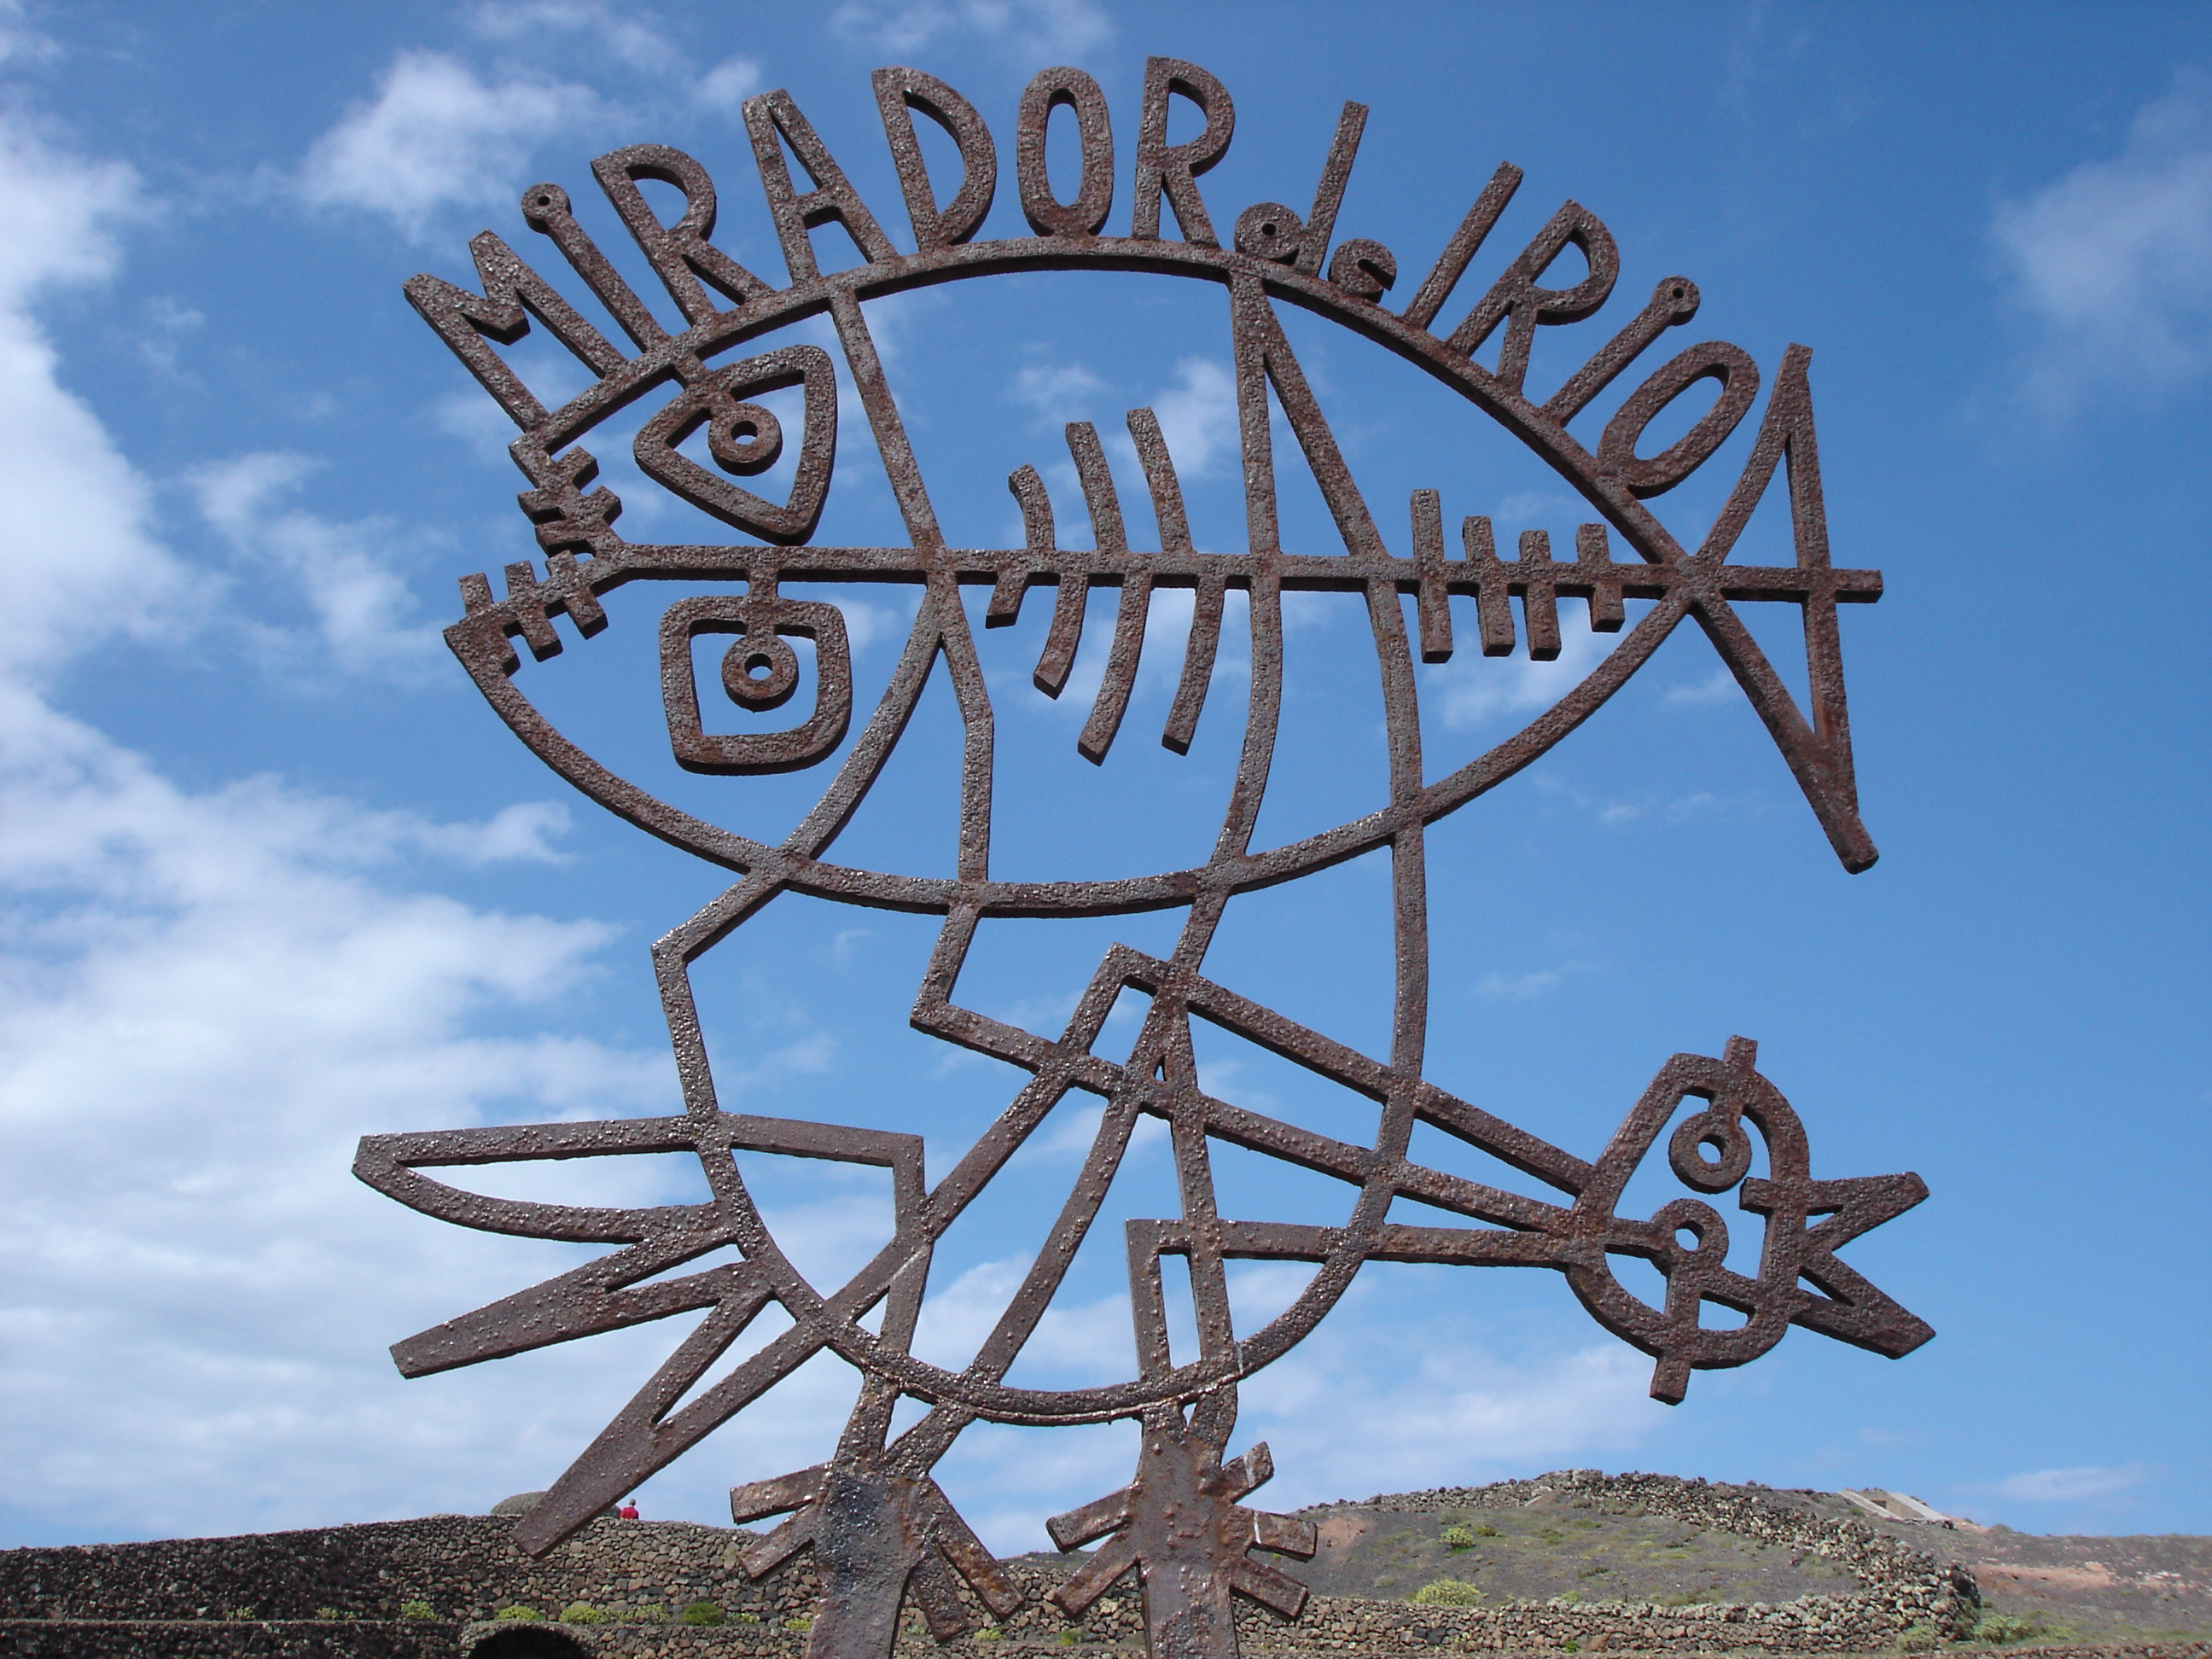 File mirador del rio jpg wikimedia commons - Cesar manrique wikipedia ...